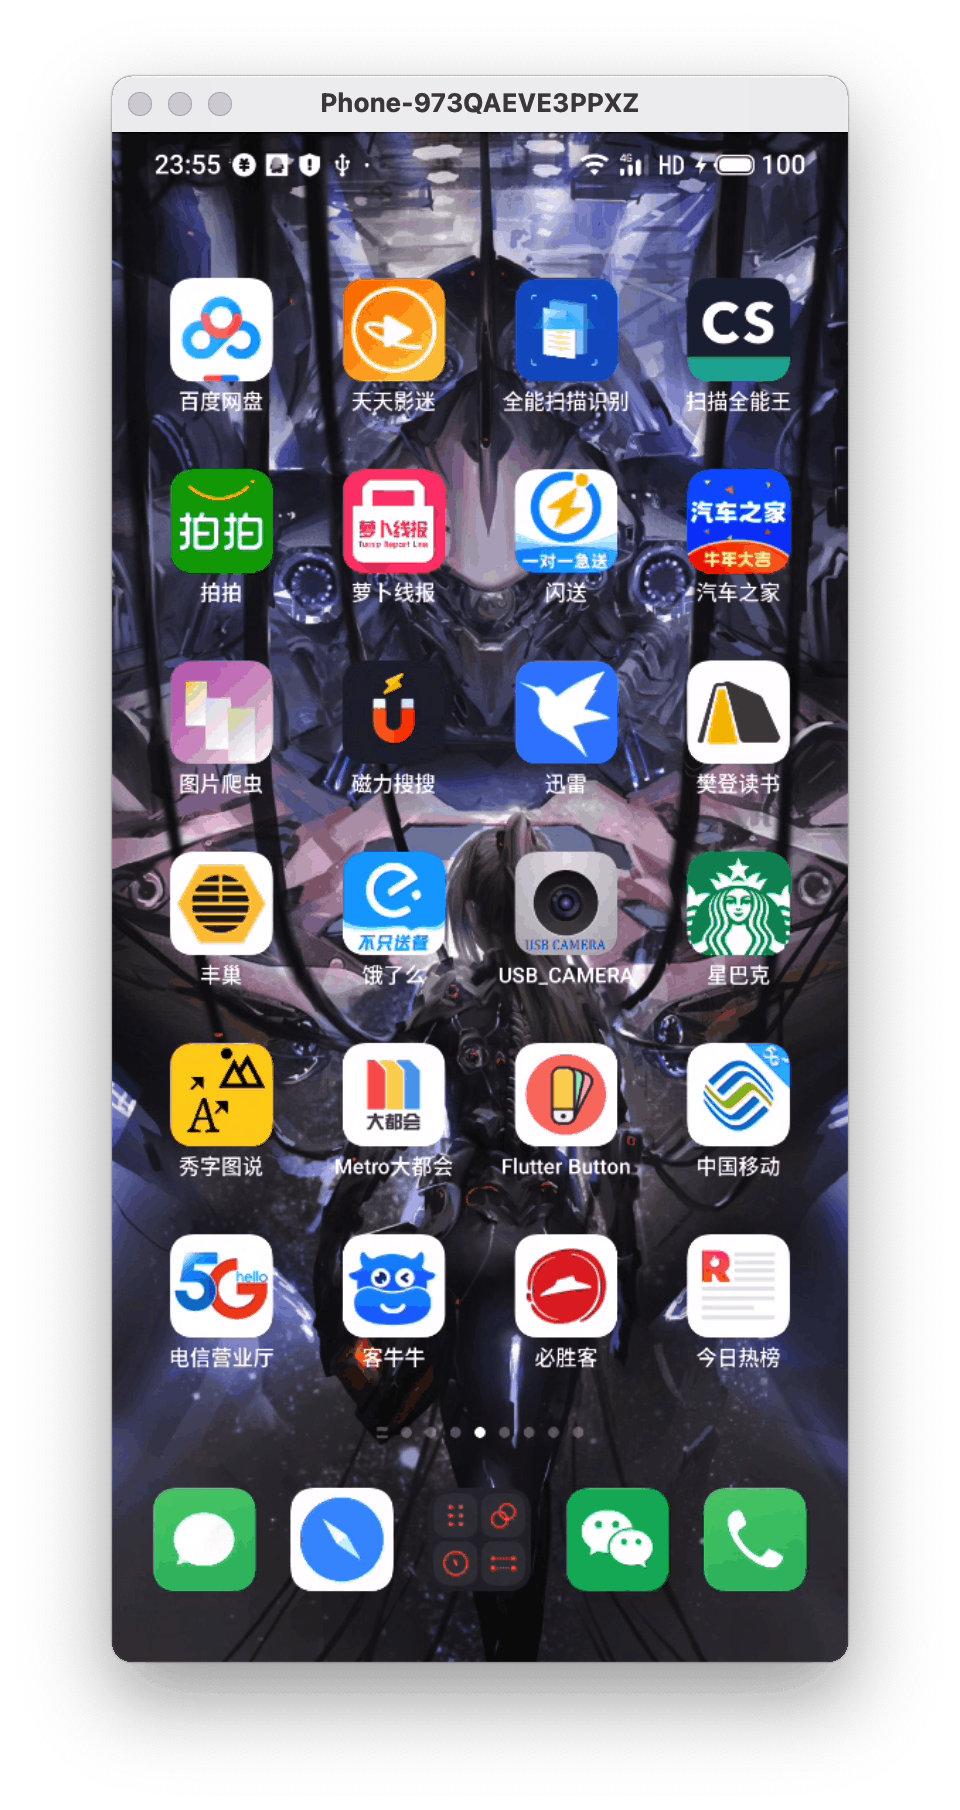 免费开源的Android手机投屏软件:QtScrcpy,支持全平台使用!